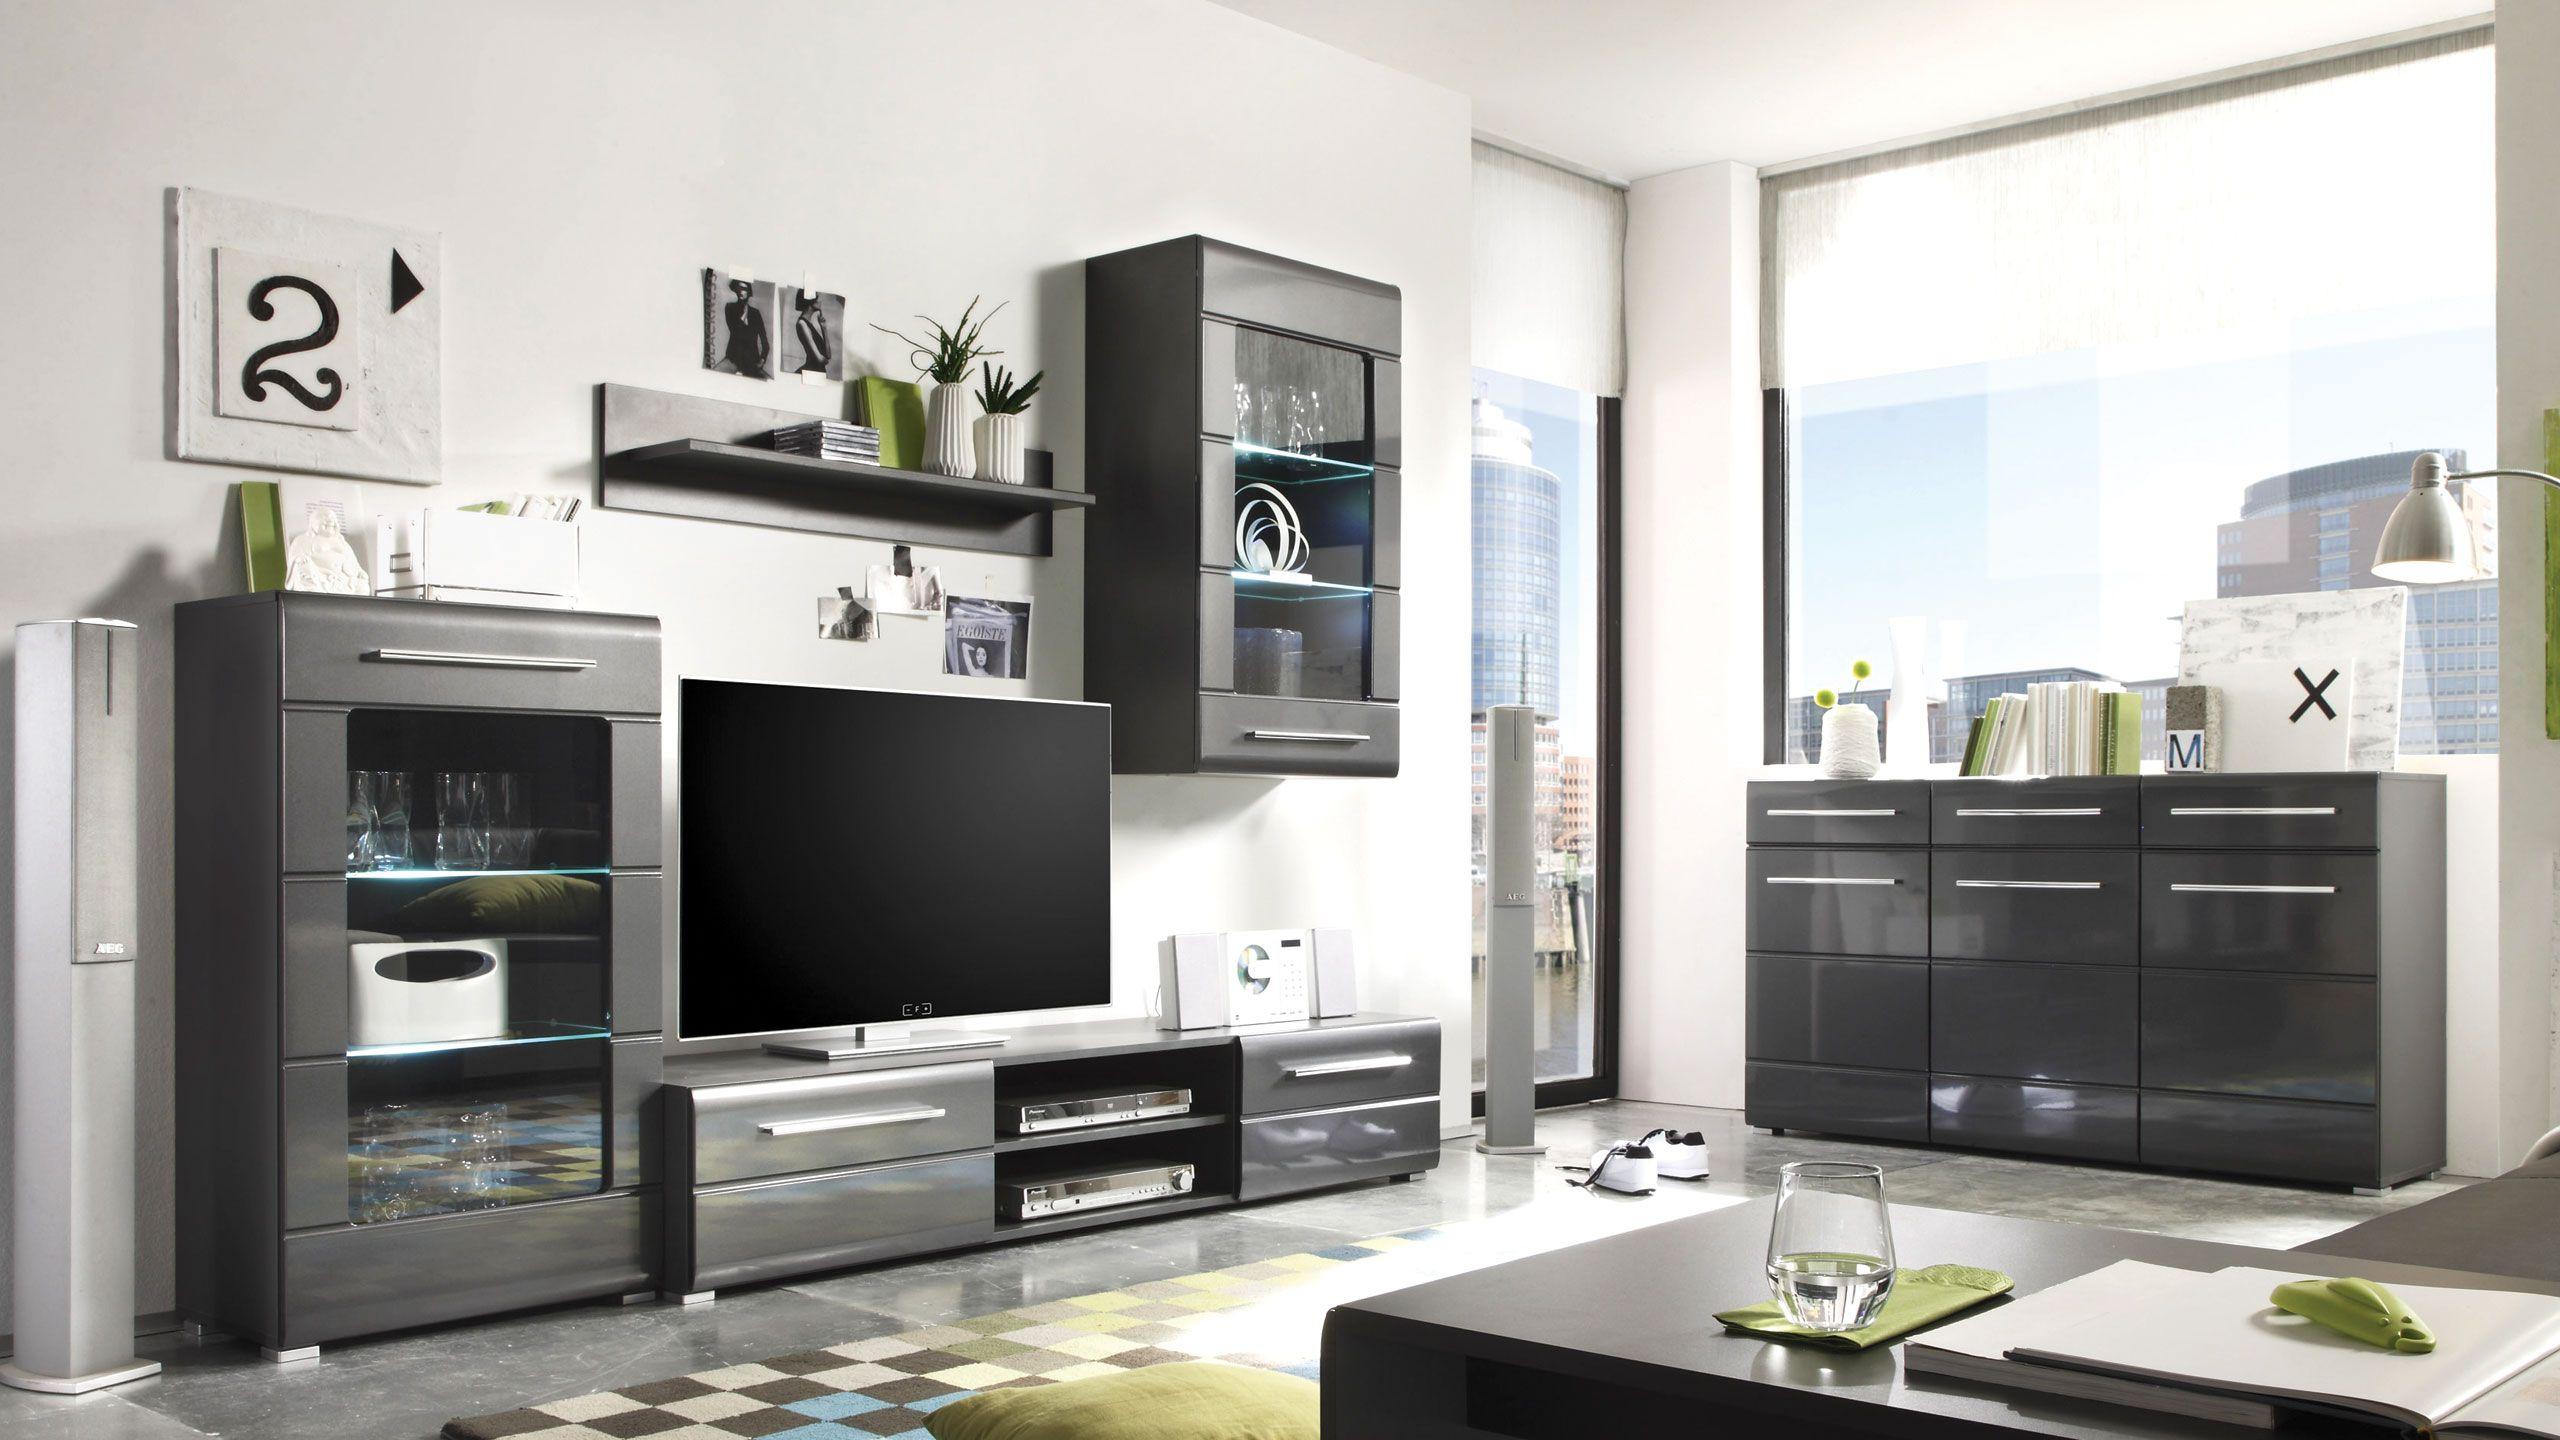 Full Size of Ikea Wohnwand Grau 94 Wohnzimmerschrank Hochglanz Küche Kosten Miniküche Sofa Mit Schlaffunktion Betten 160x200 Bei Kaufen Modulküche Wohnzimmer Wohnzimmerschränke Ikea